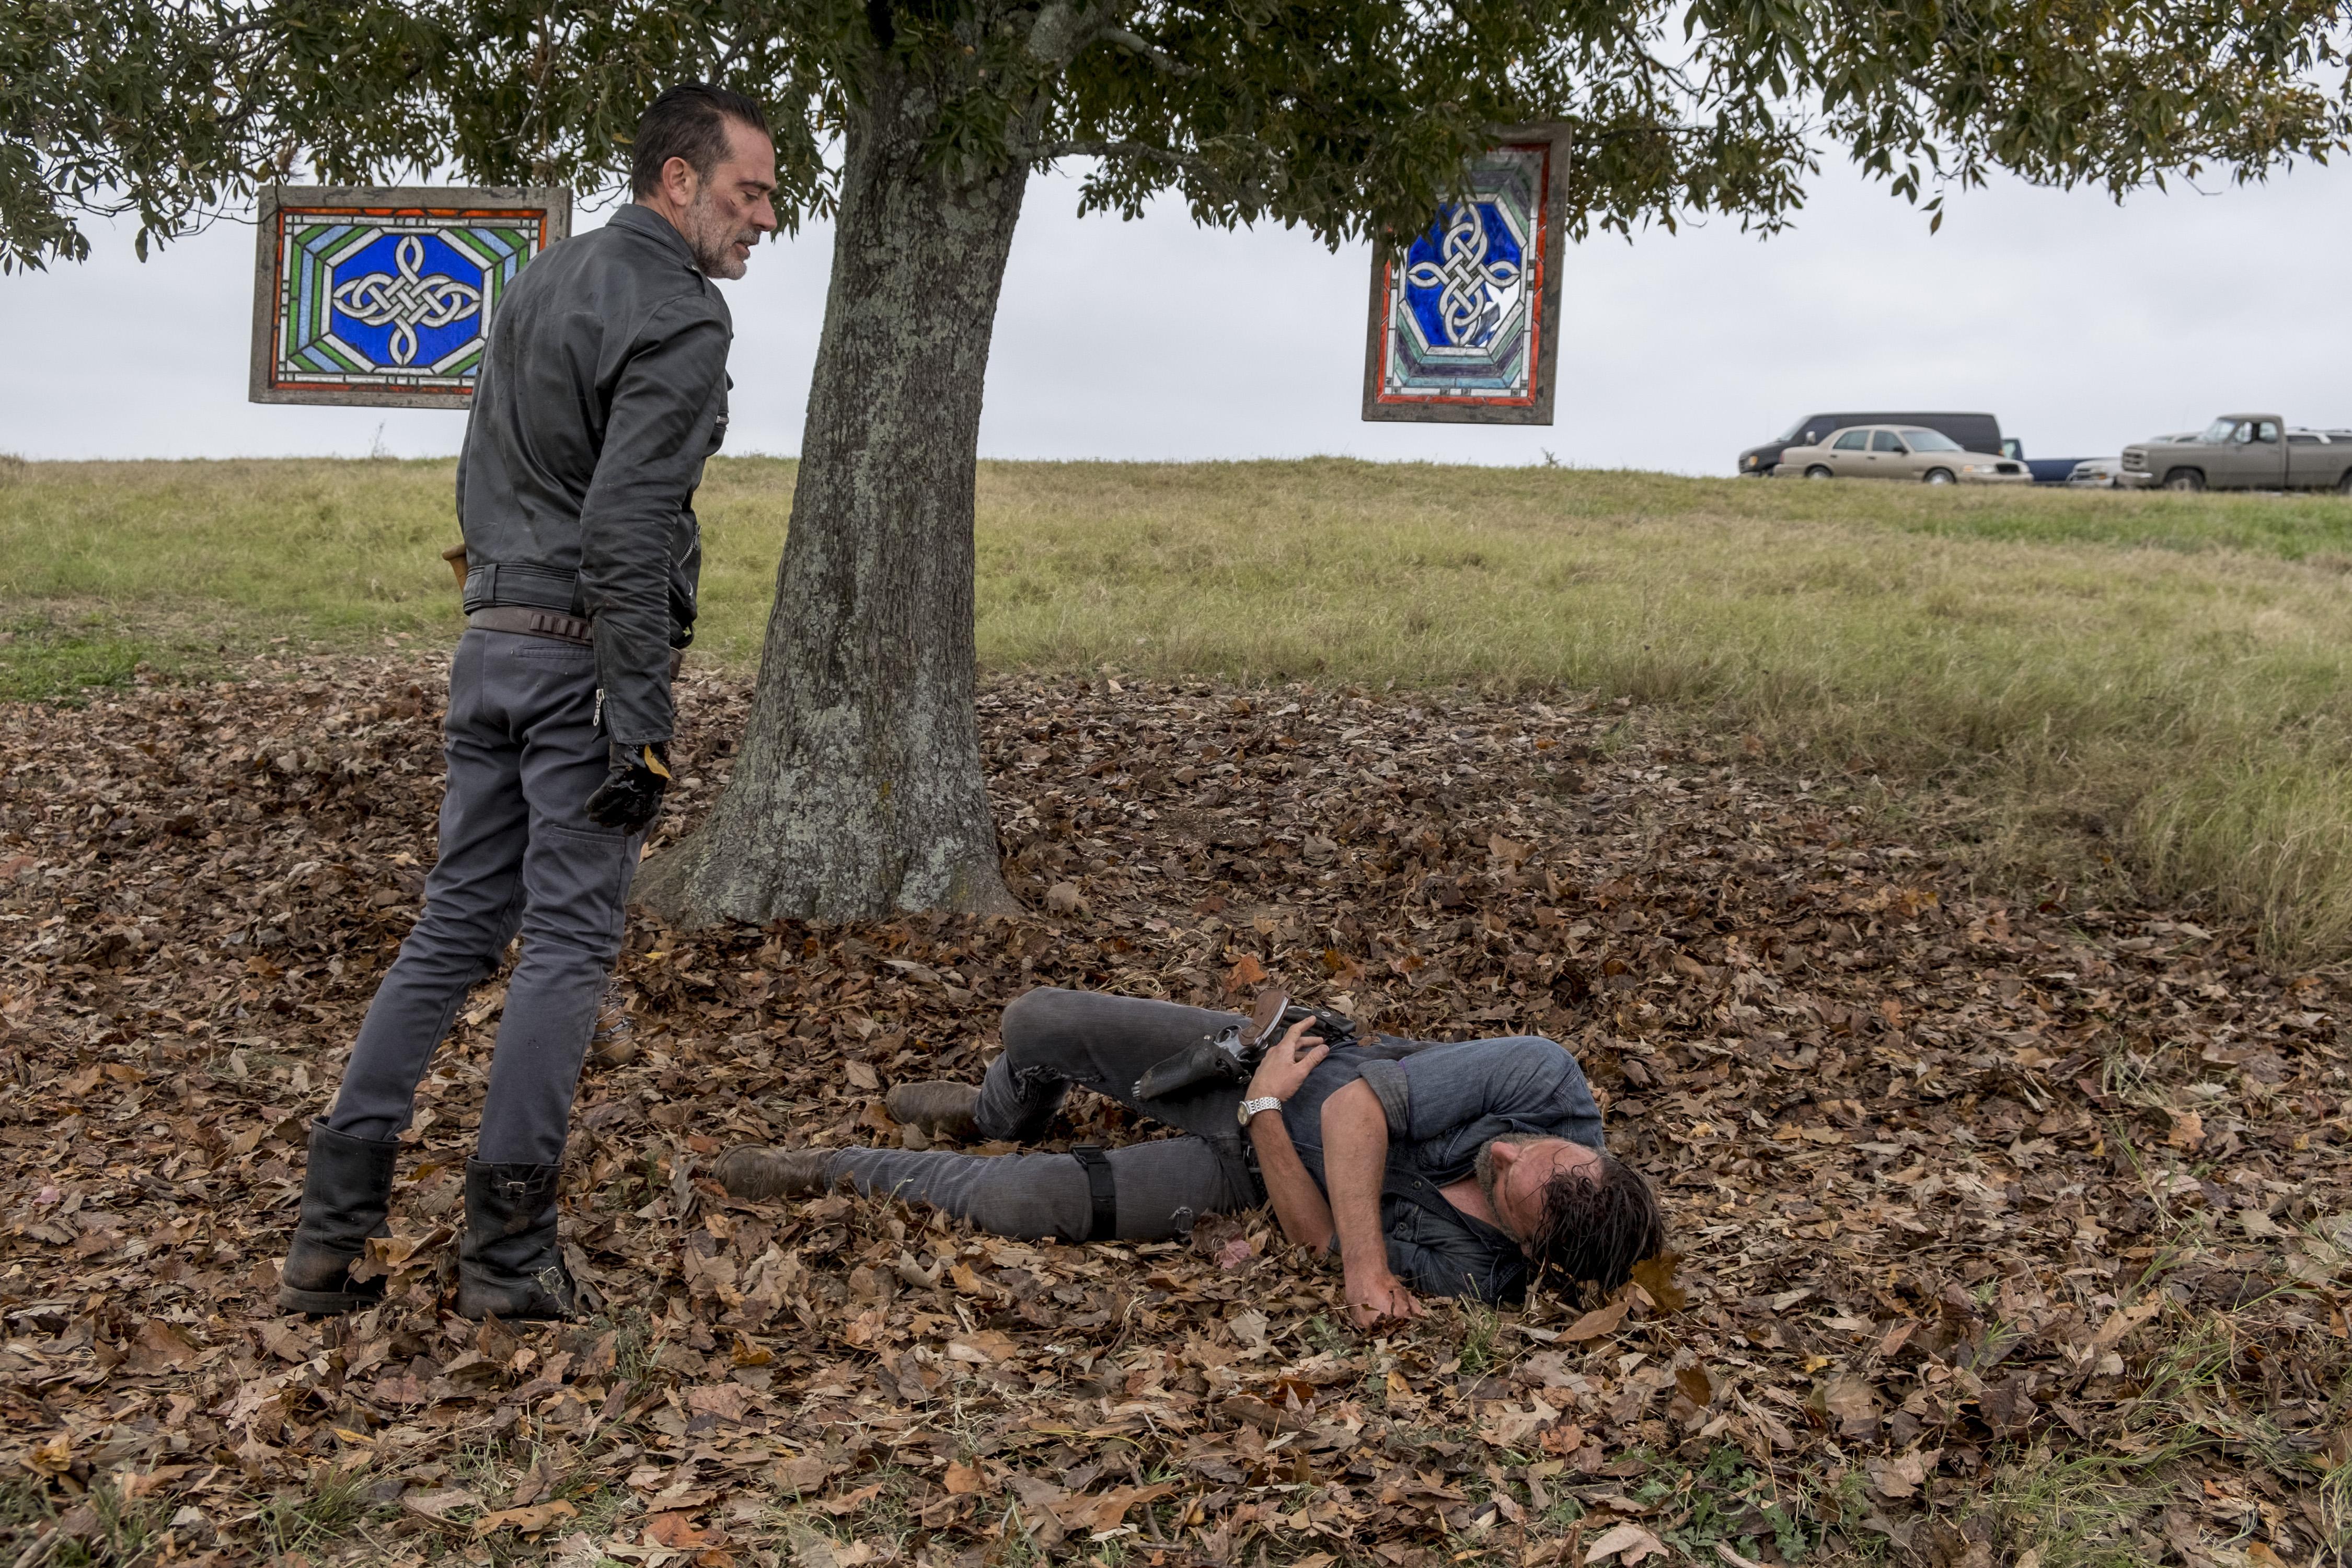 Negan (Jeffrey Dean Morgan) prend rapidement le dessus sur Rick Grimes (Andrew Lincoln) - The Walking Dead - Saison 8, Épisode 16 - Crédit Photo: Gene Page/AMC